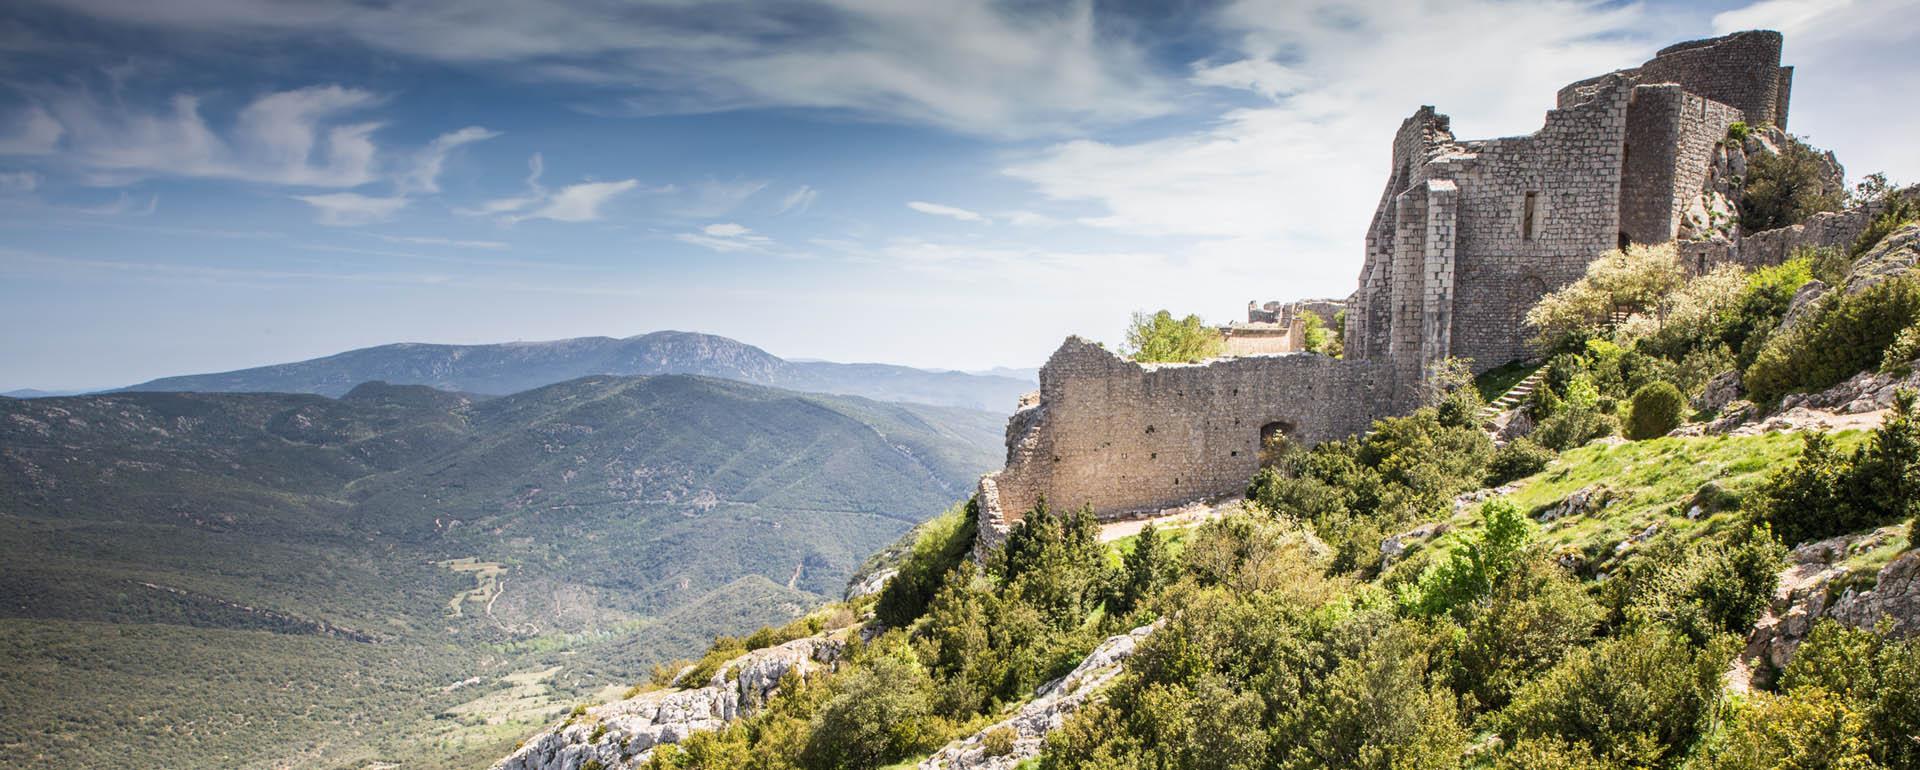 Château de Peyrepertuse dans l'Aude